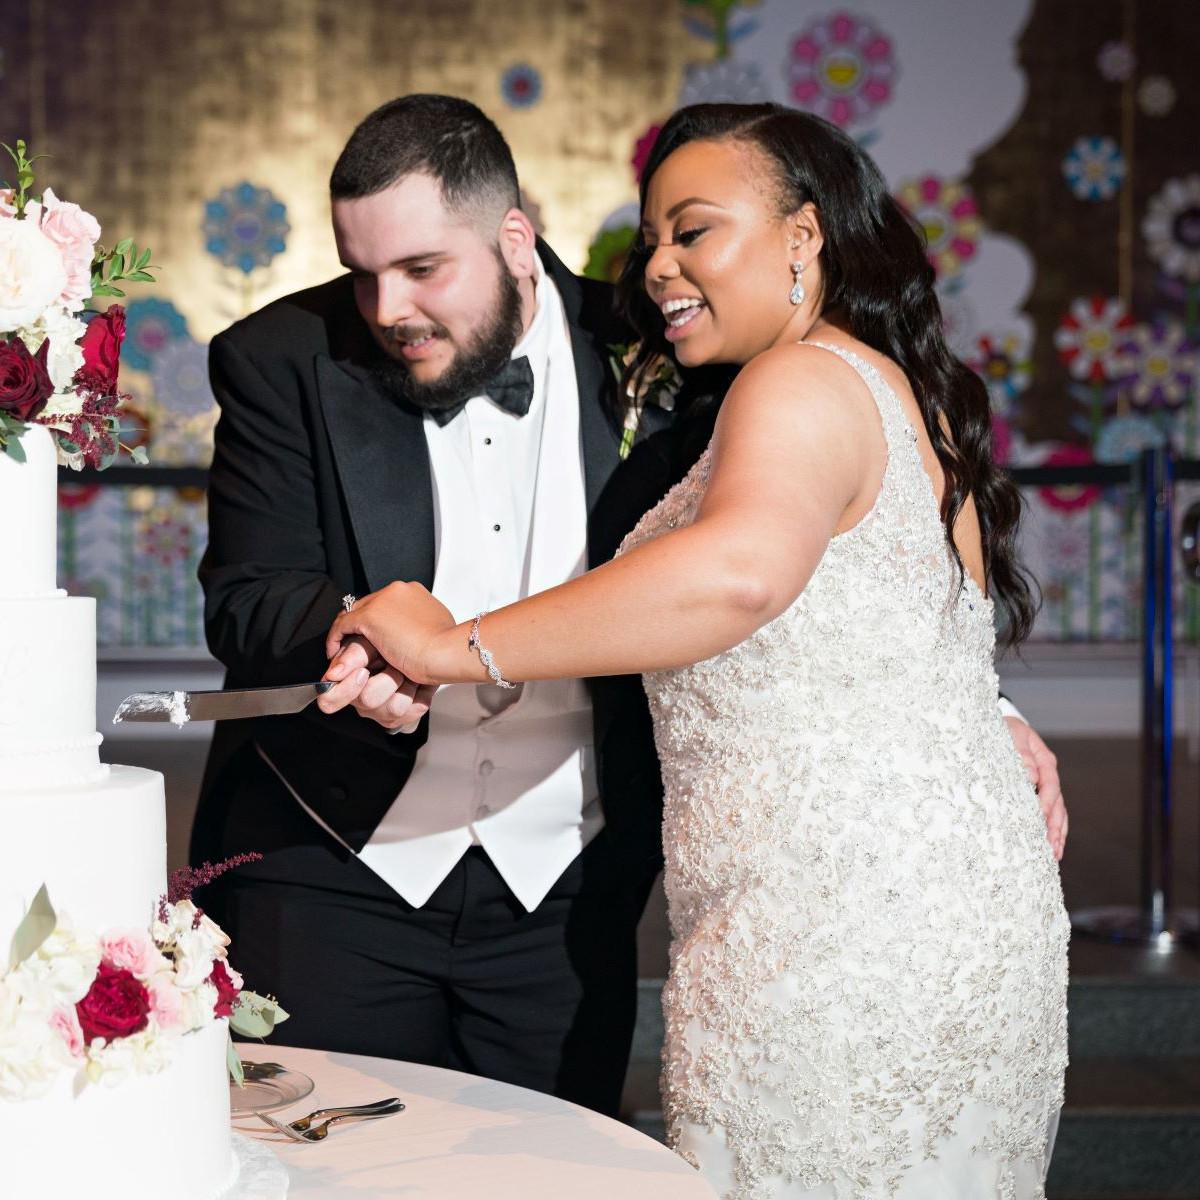 Lenton Juarez wedding, Creme de la Creme wedding cake